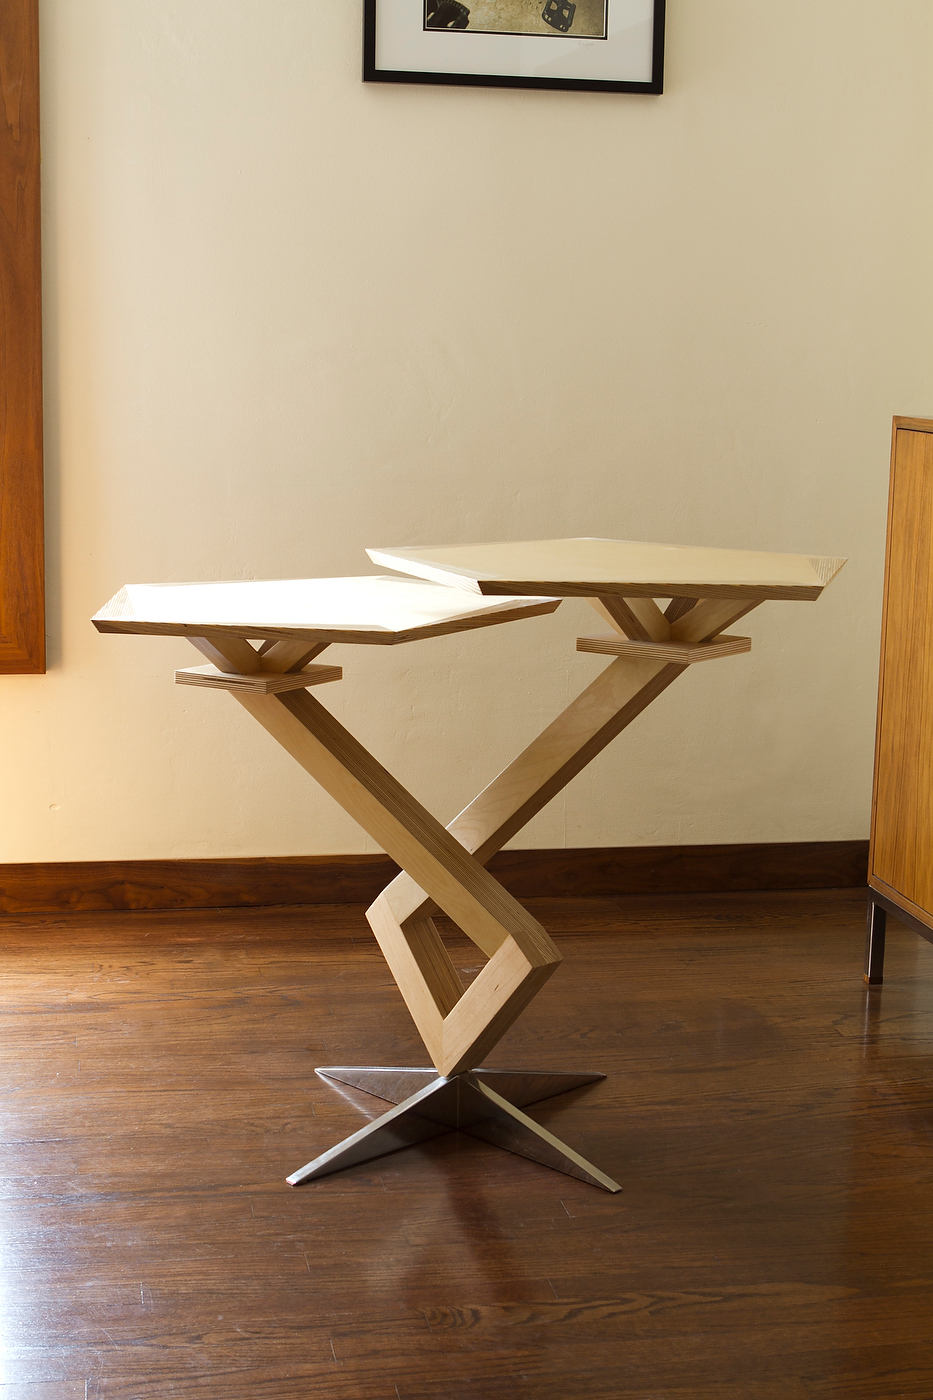 furniture-chair-table-02.jpg